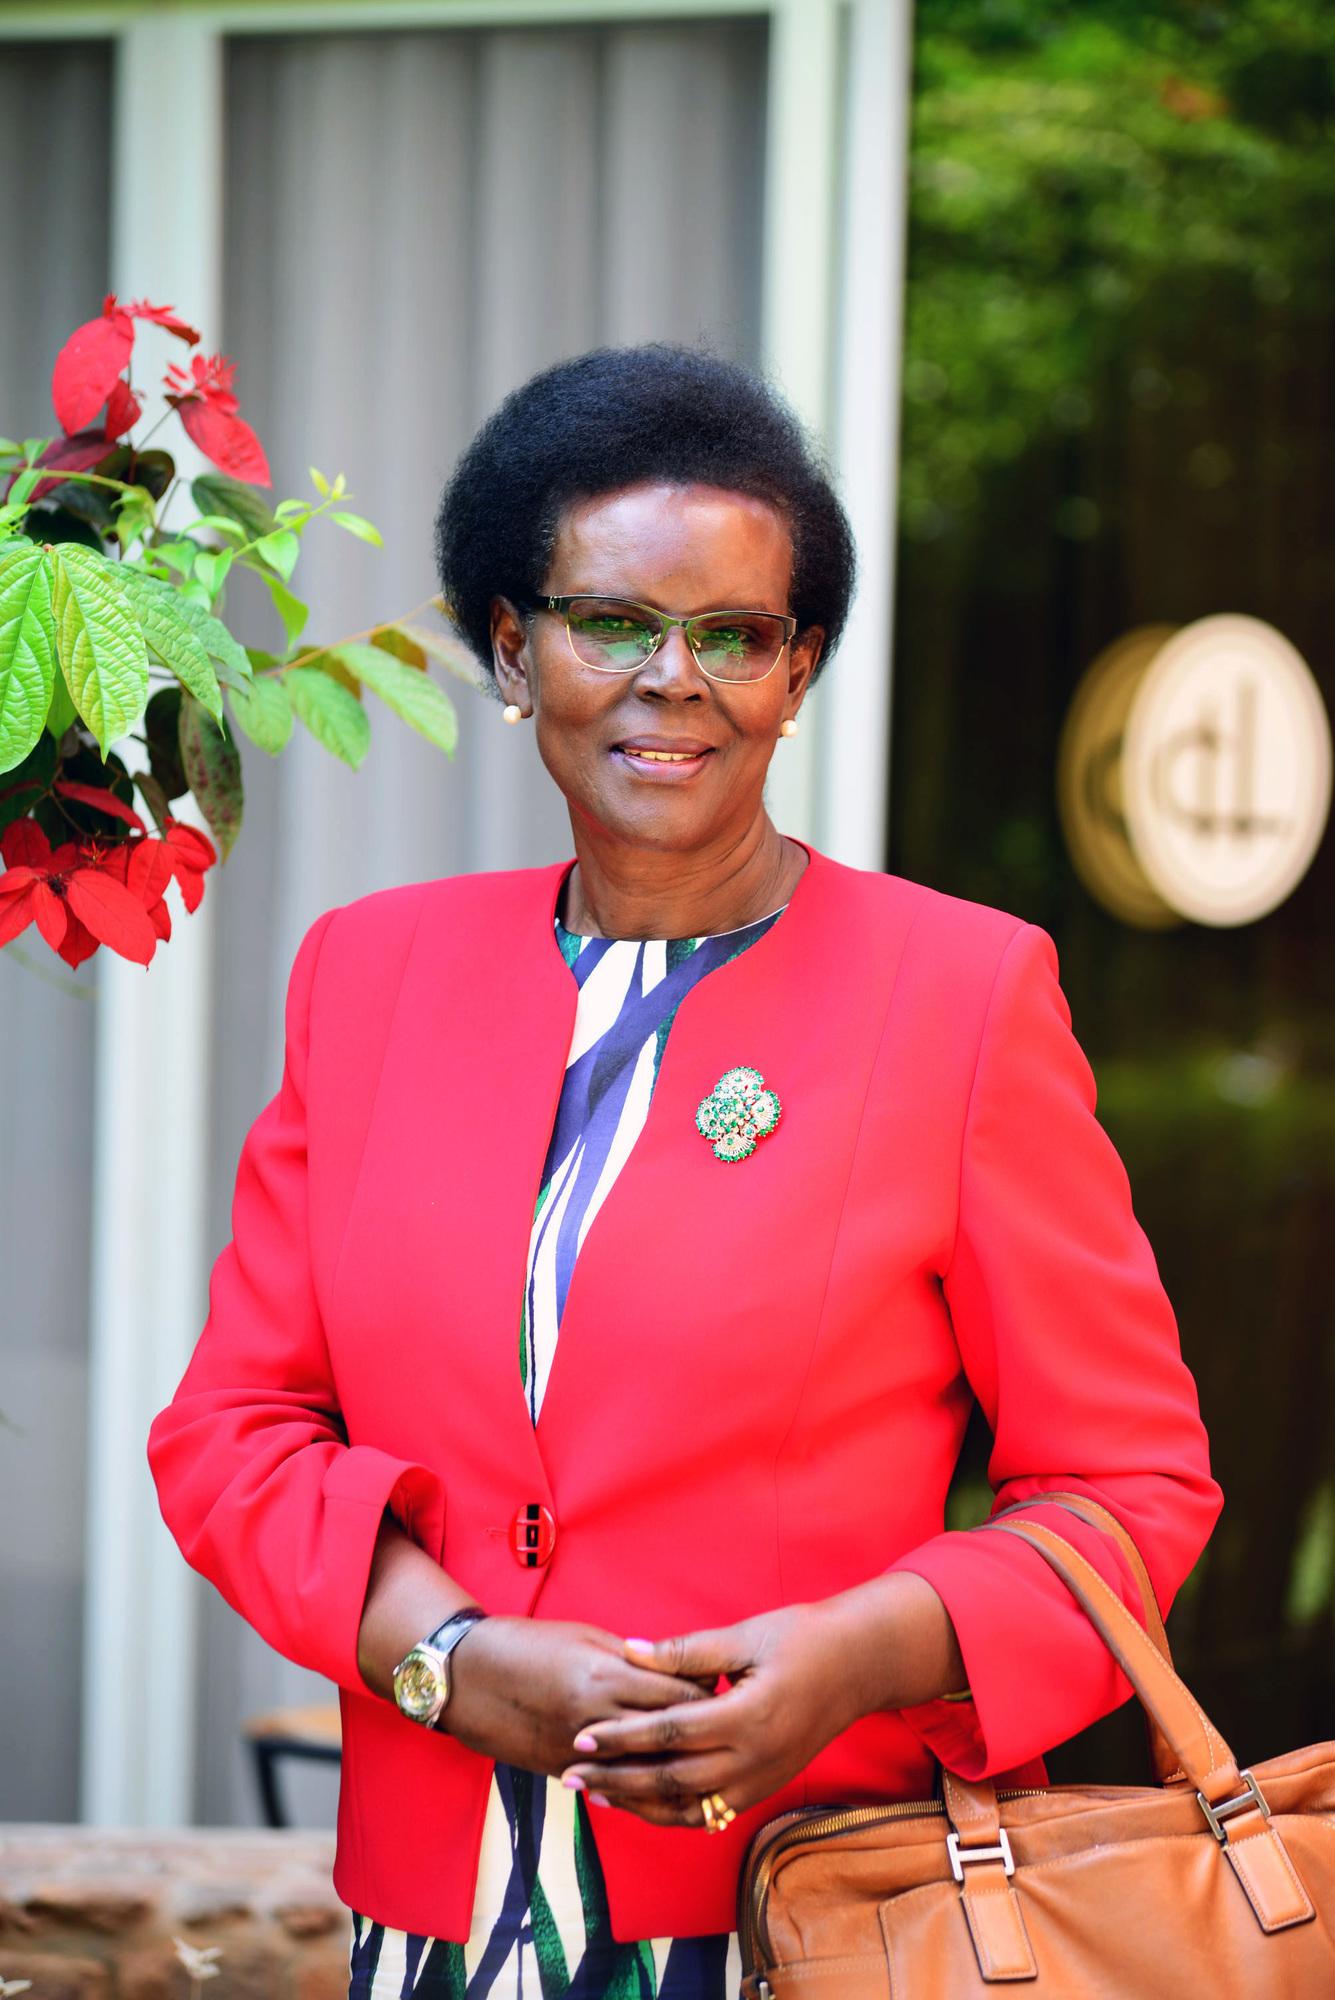 Anne-Marie Kantengwa, gerante de l'hotel Chez Lando a Kigali, le 13 Juillet 2018